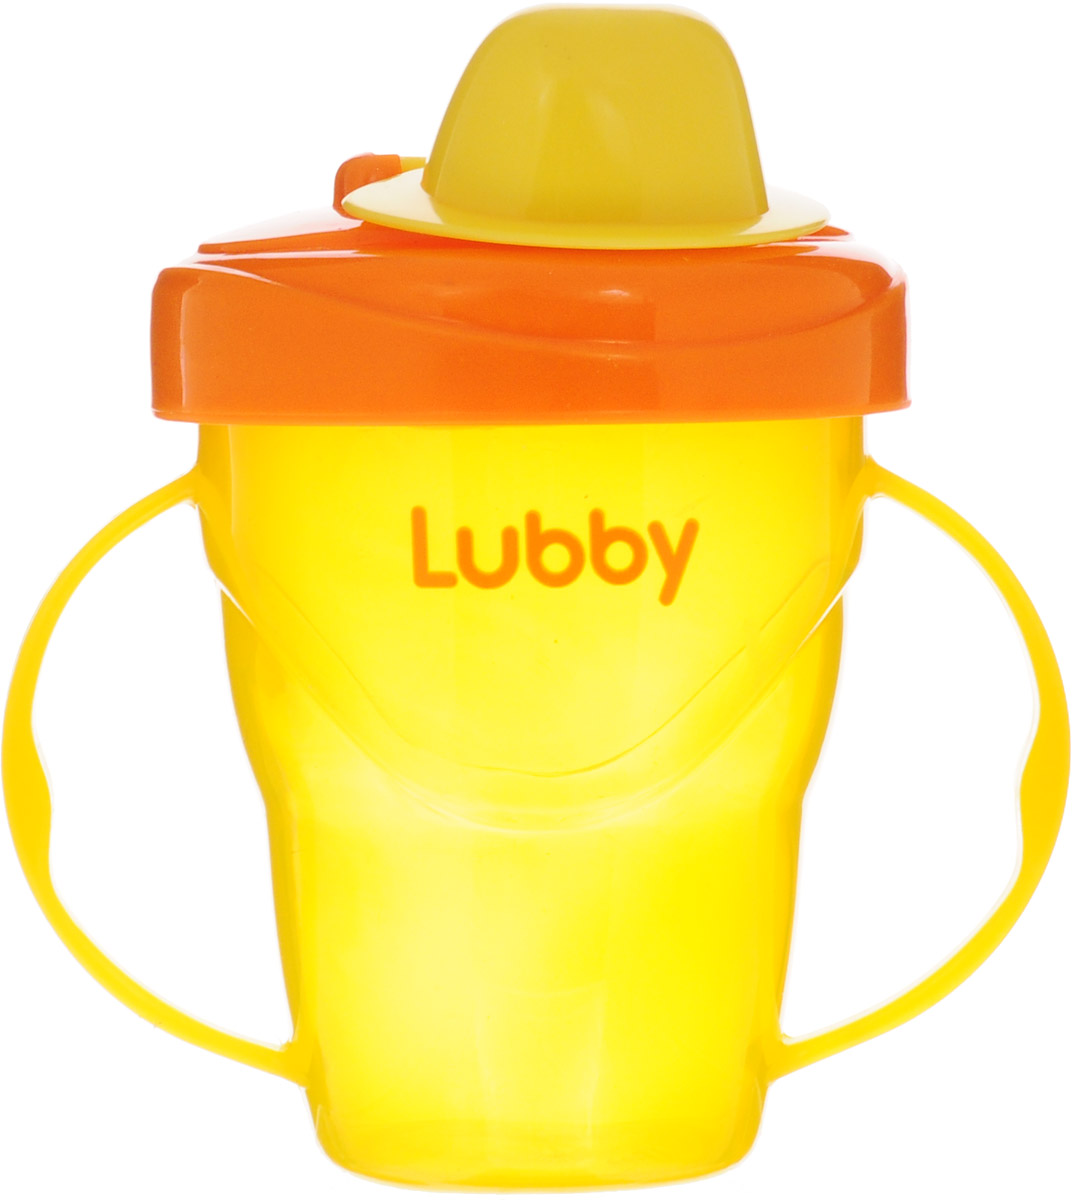 Lubby Поильник-непроливайка Классика от 6 месяцев цвет оранжевый желтый 175 мл -  Поильники